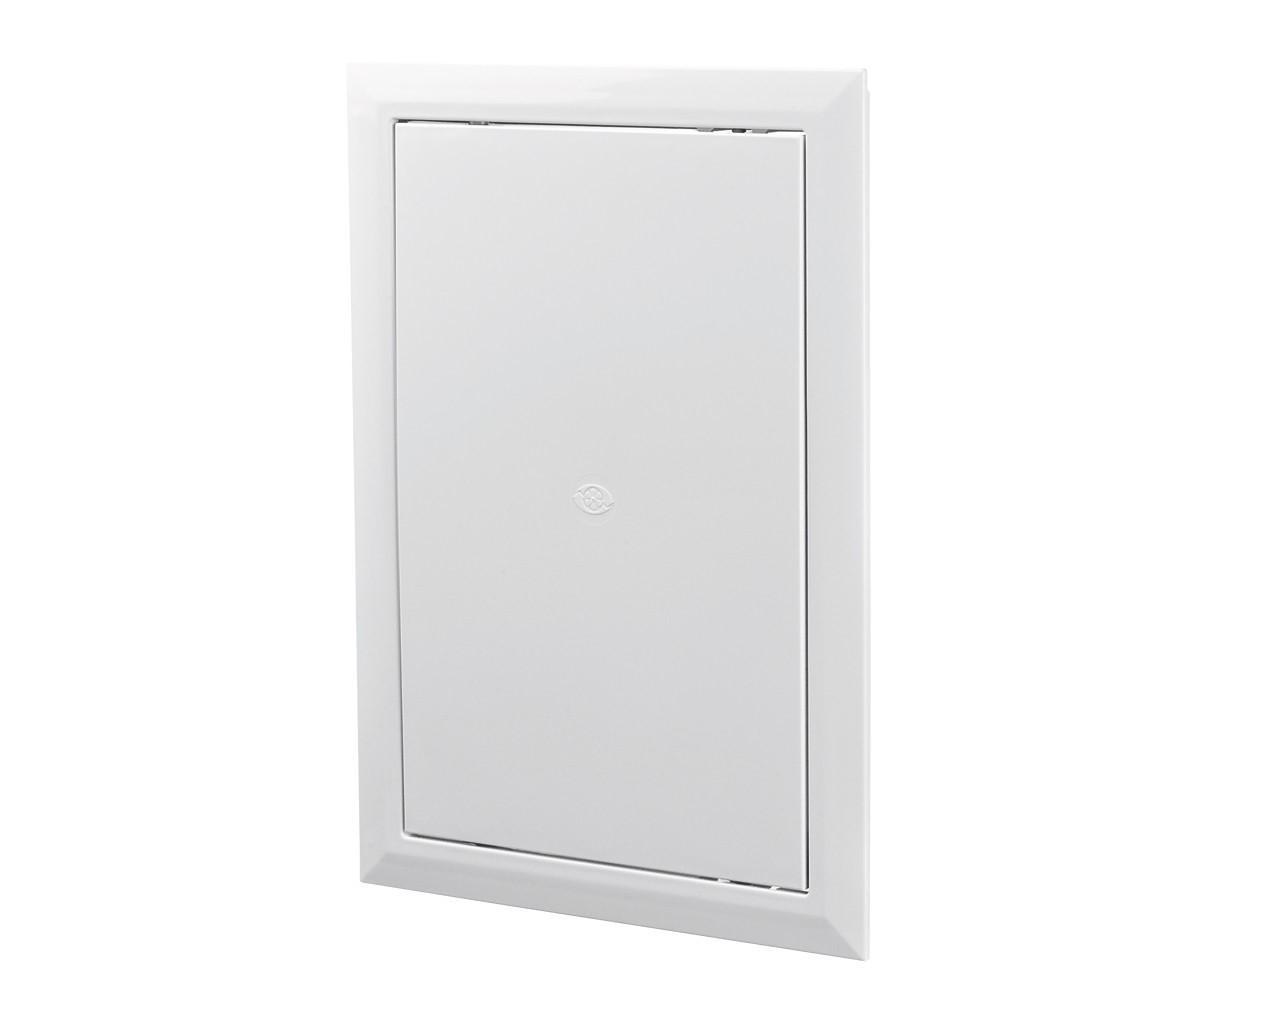 Ревизионная дверца Д 300х500